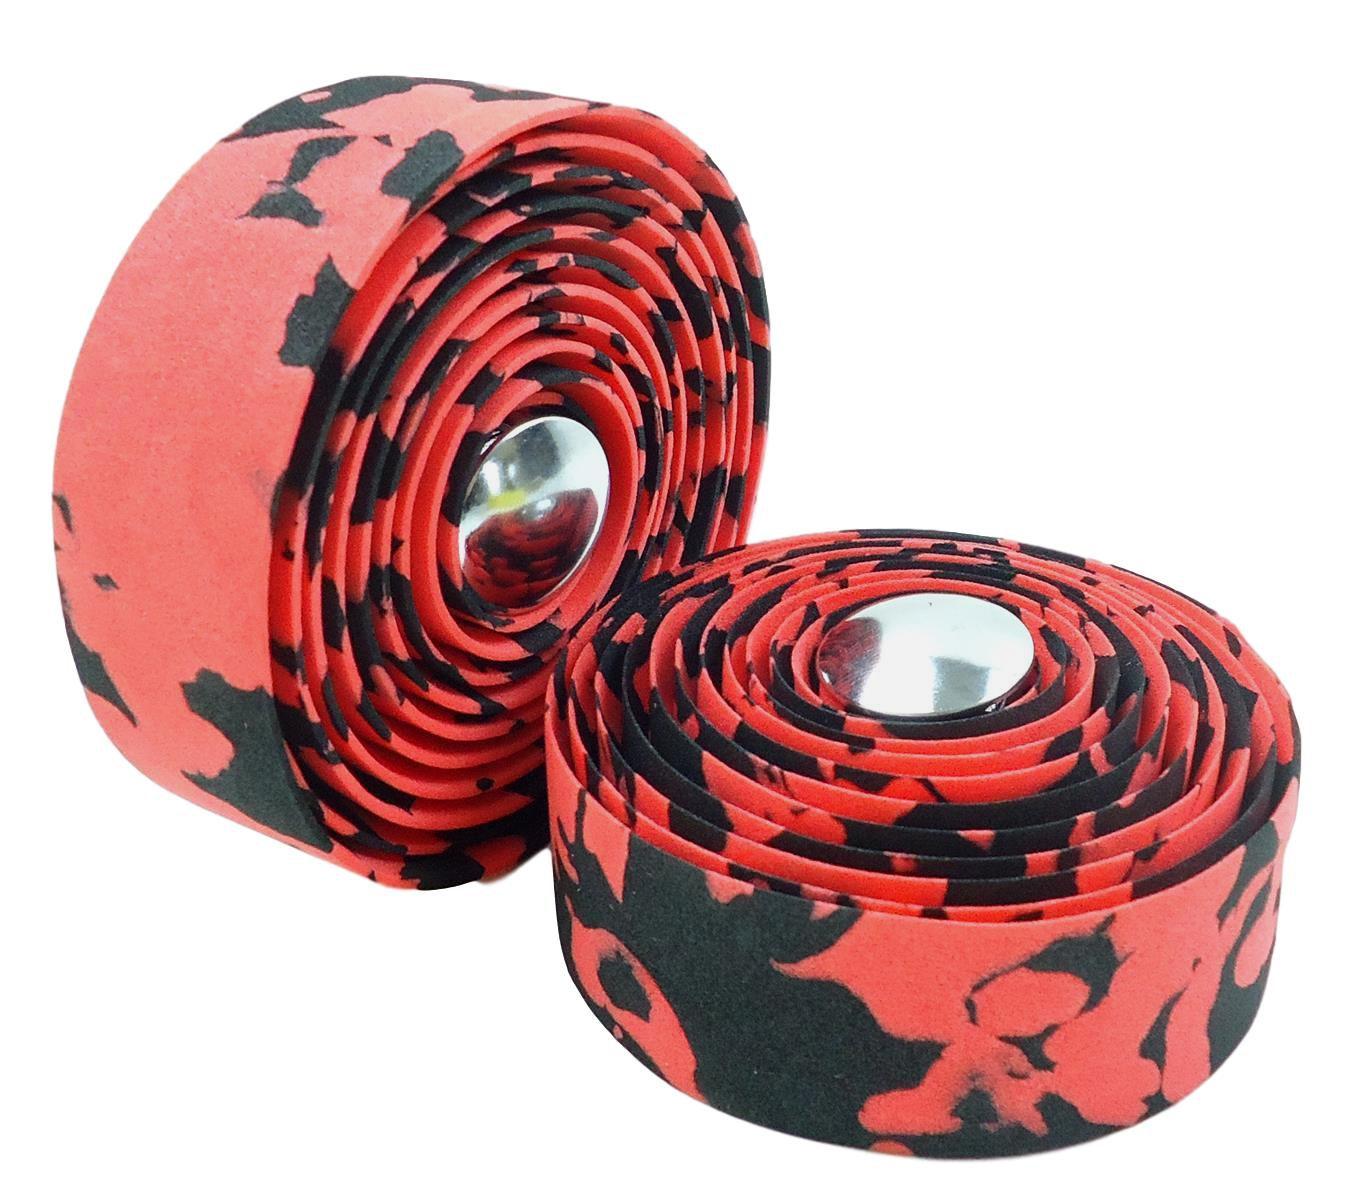 Fita de Guidão para Bicicletas Road Speed JWS Cor Vermelha com Preto